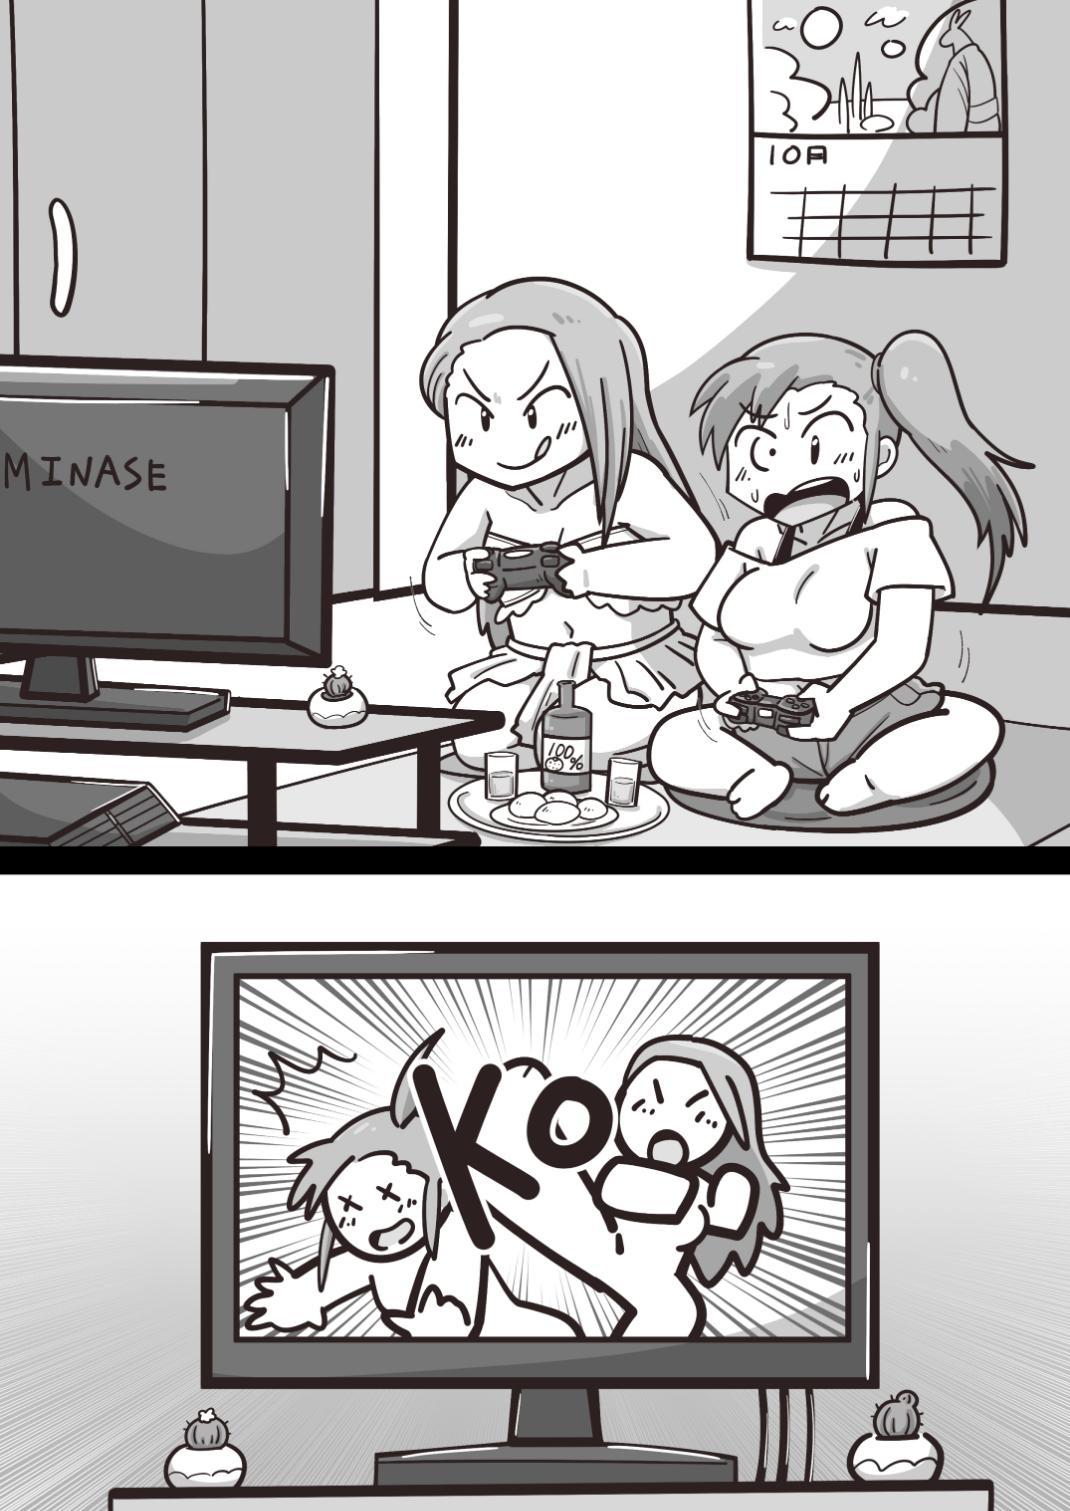 Futanari Iorin ga Mami no Oppai o Tannou suru Manga 24